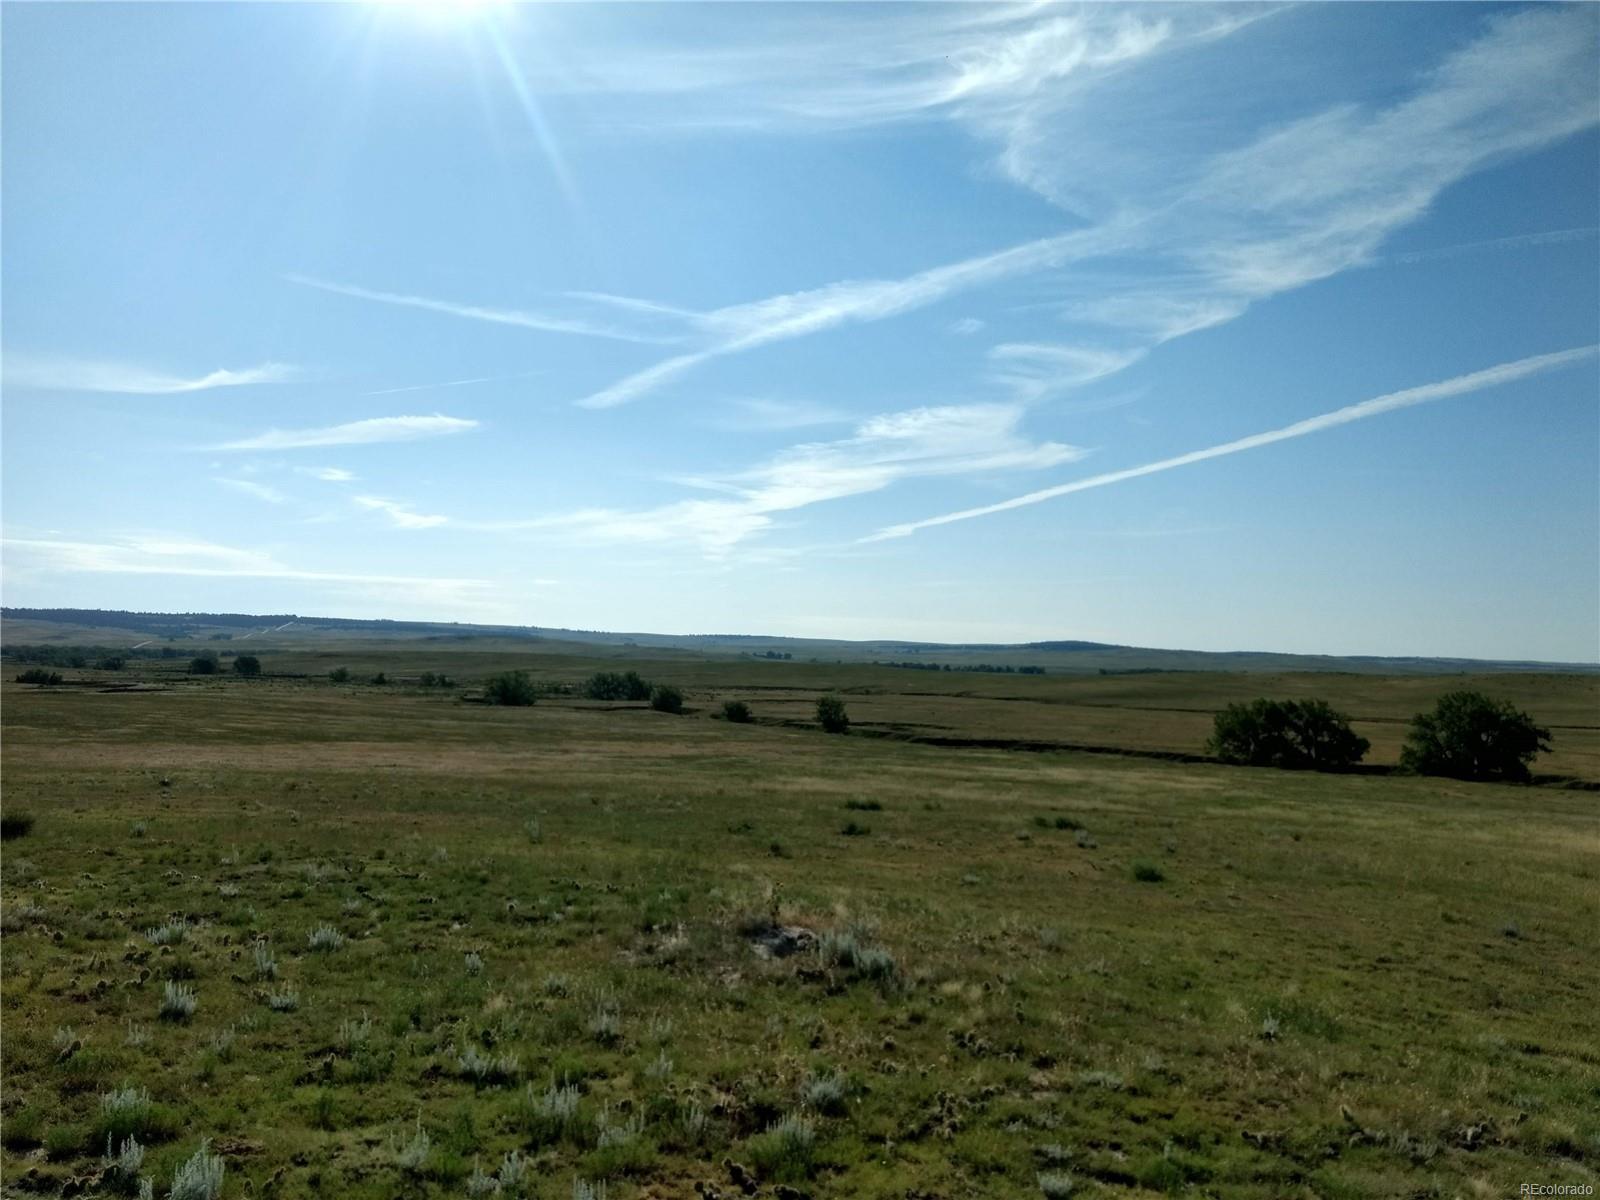 Lot 2 Fiddleback Ranch Circle, Kiowa, CO 80117 - Kiowa, CO real estate listing